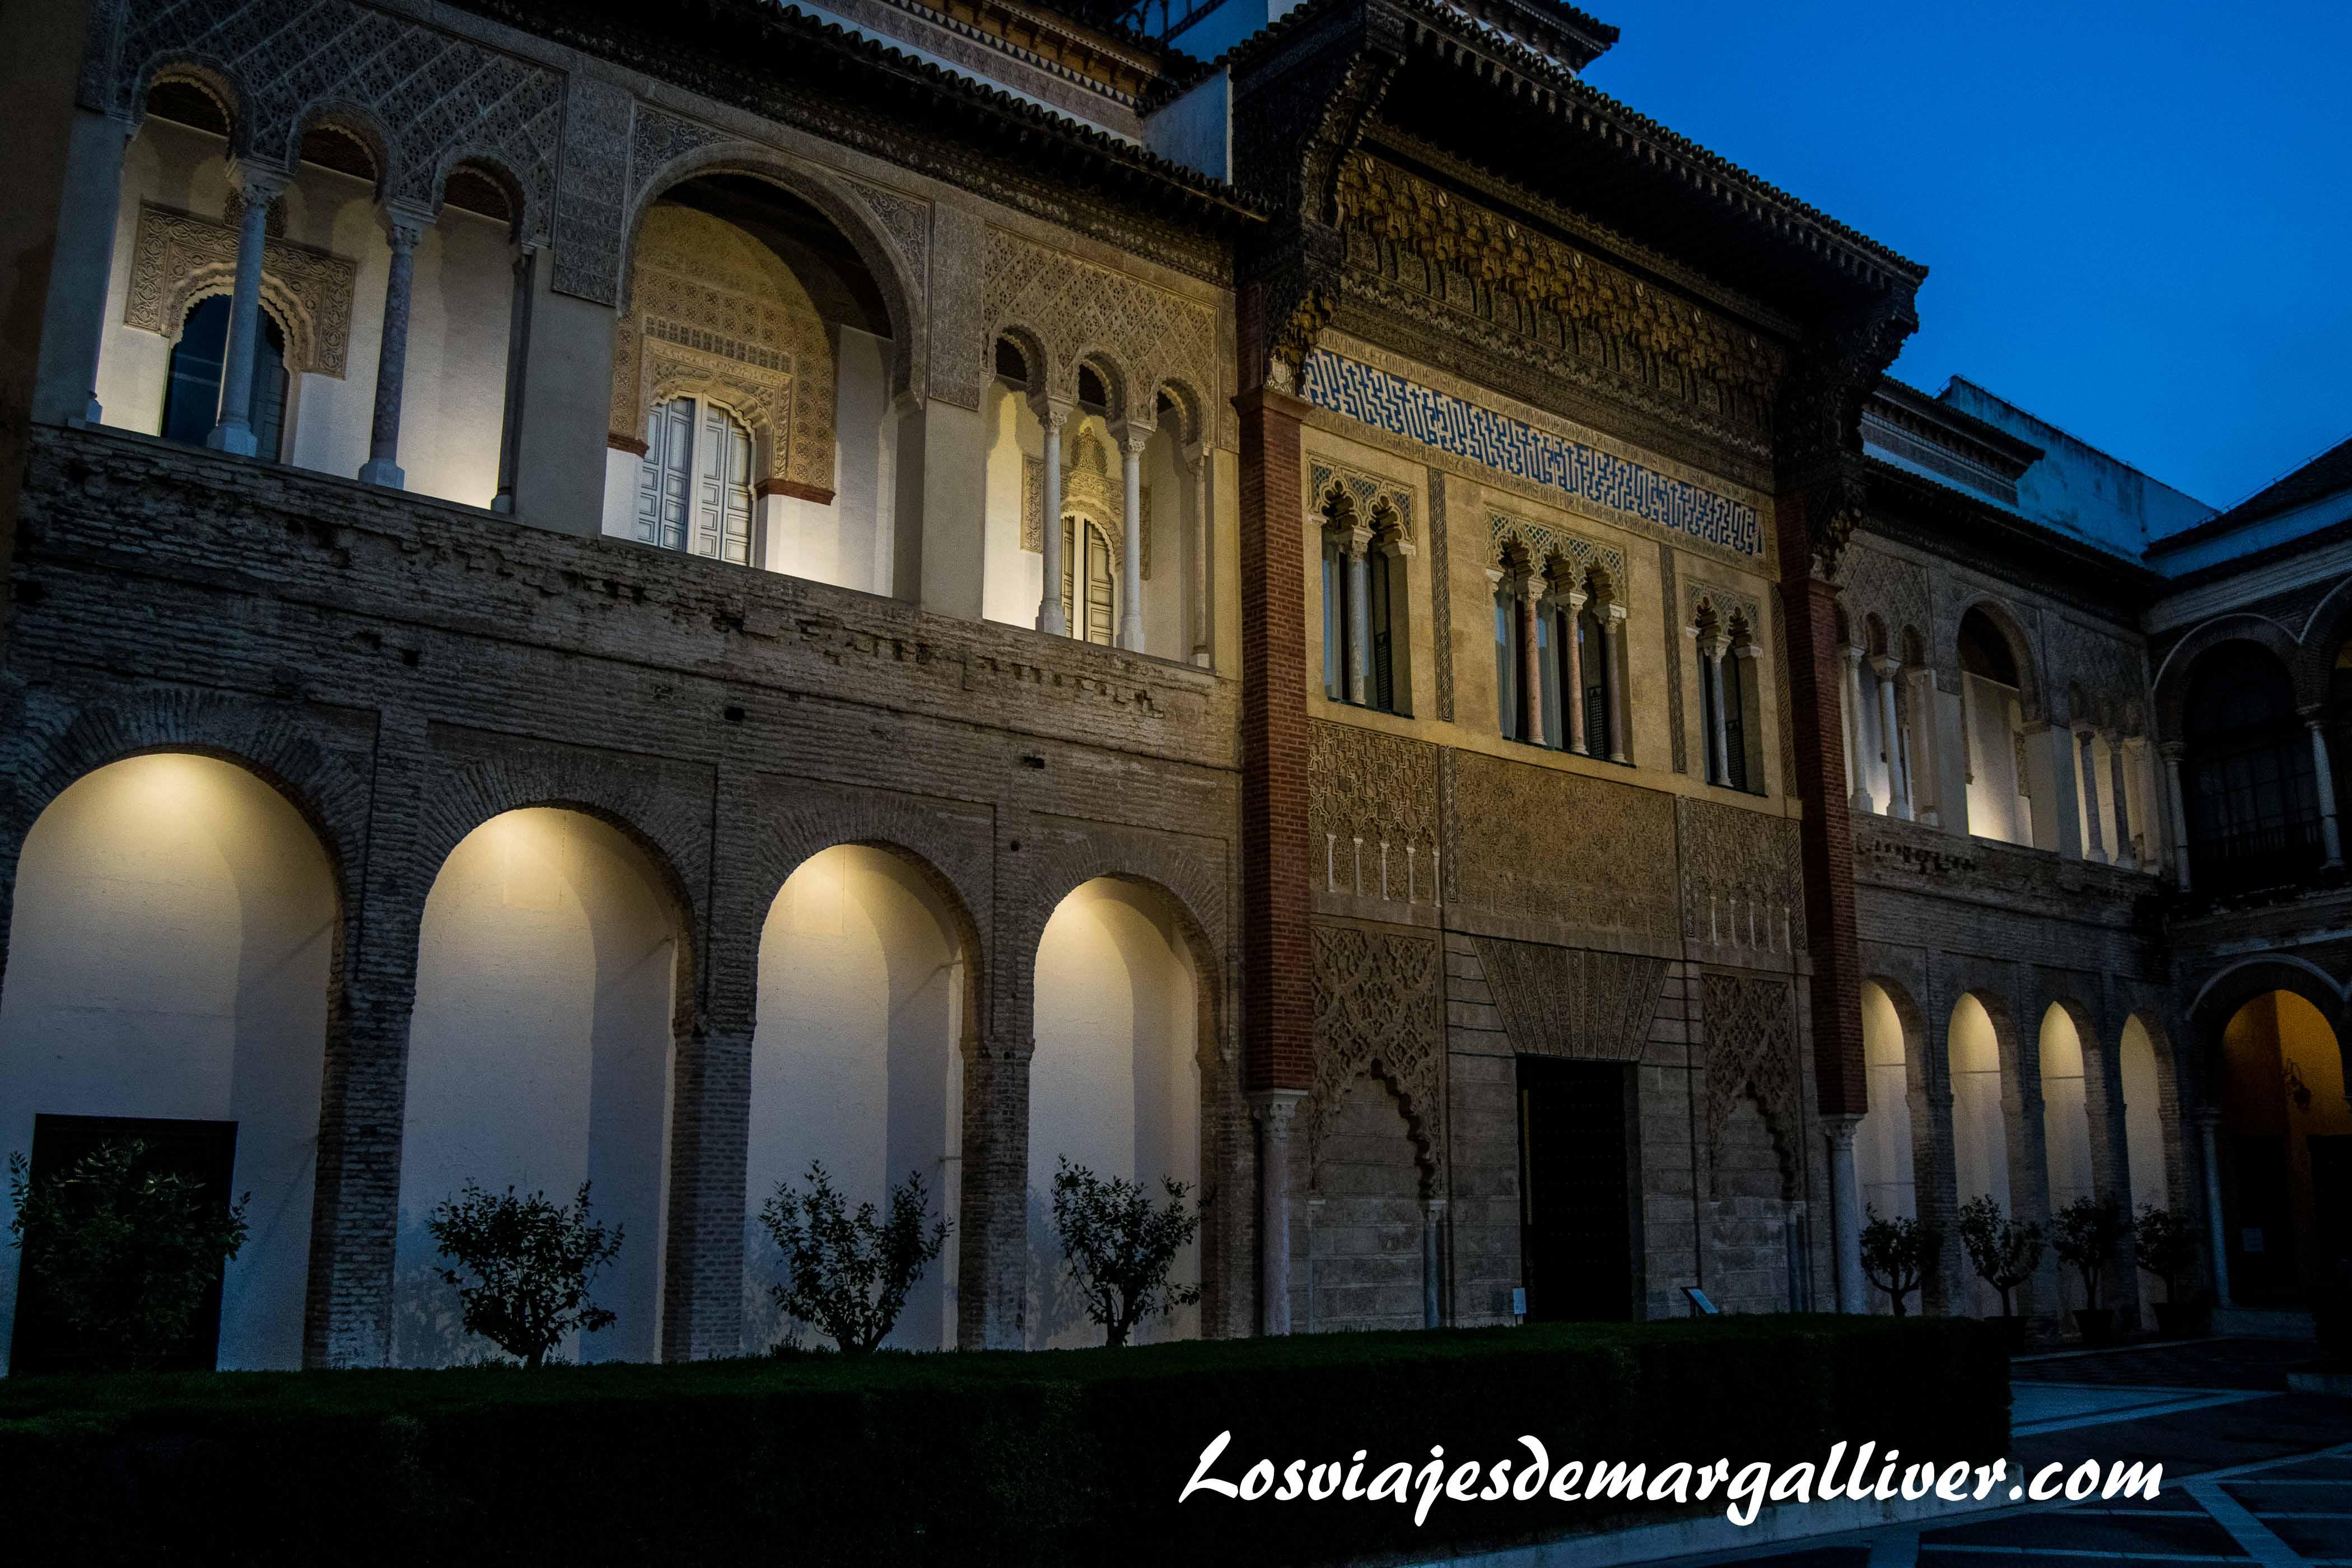 Entrada de los reales alcazares de Sevilla en la ruta de juego de tronos - Los viajes de margalliver